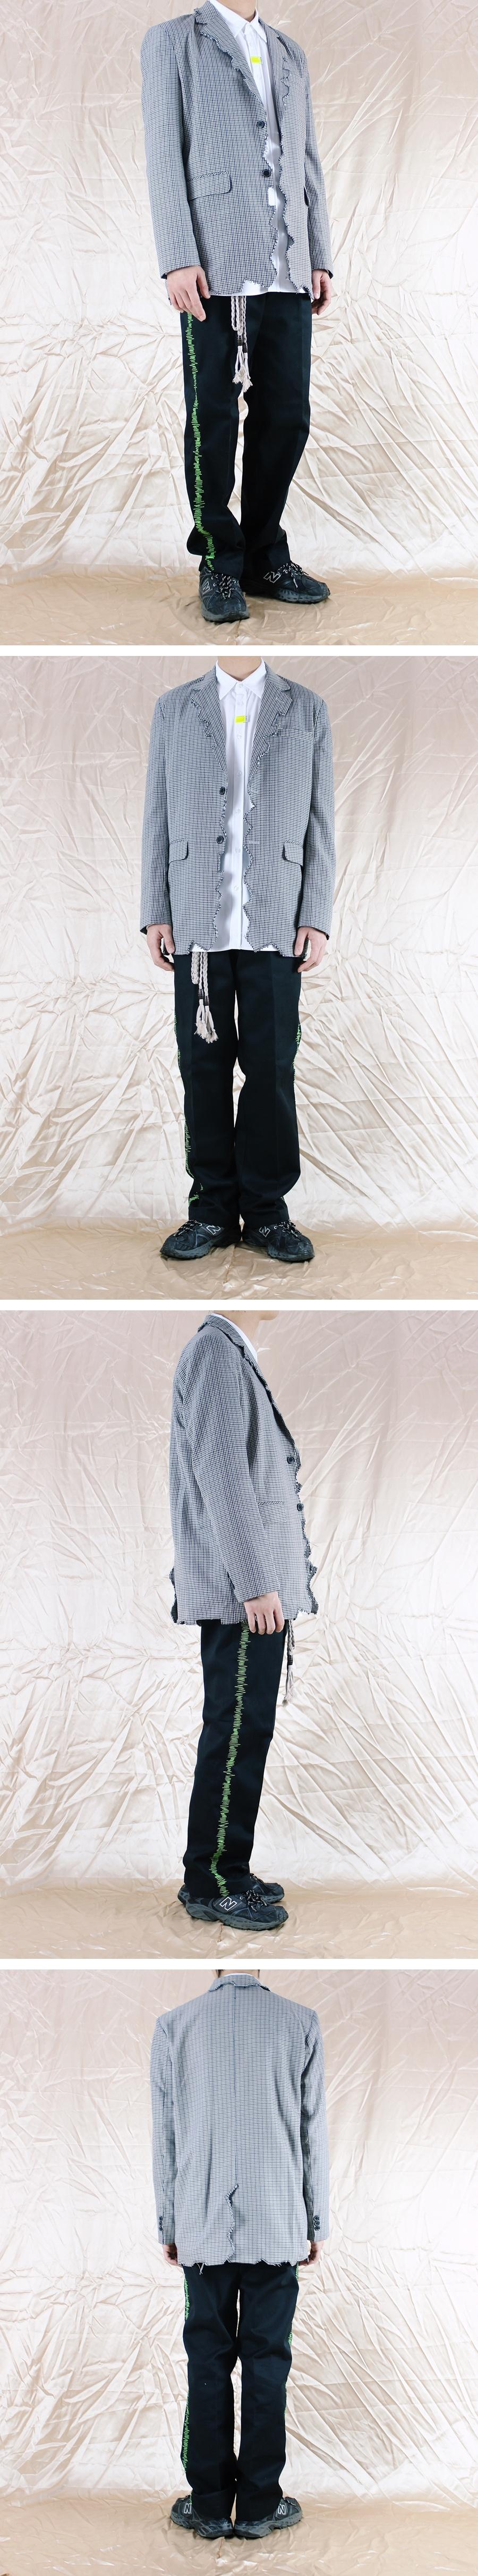 런디에스(RUNDS) 리플렉트 오버사이즈 셔츠 (화이트)